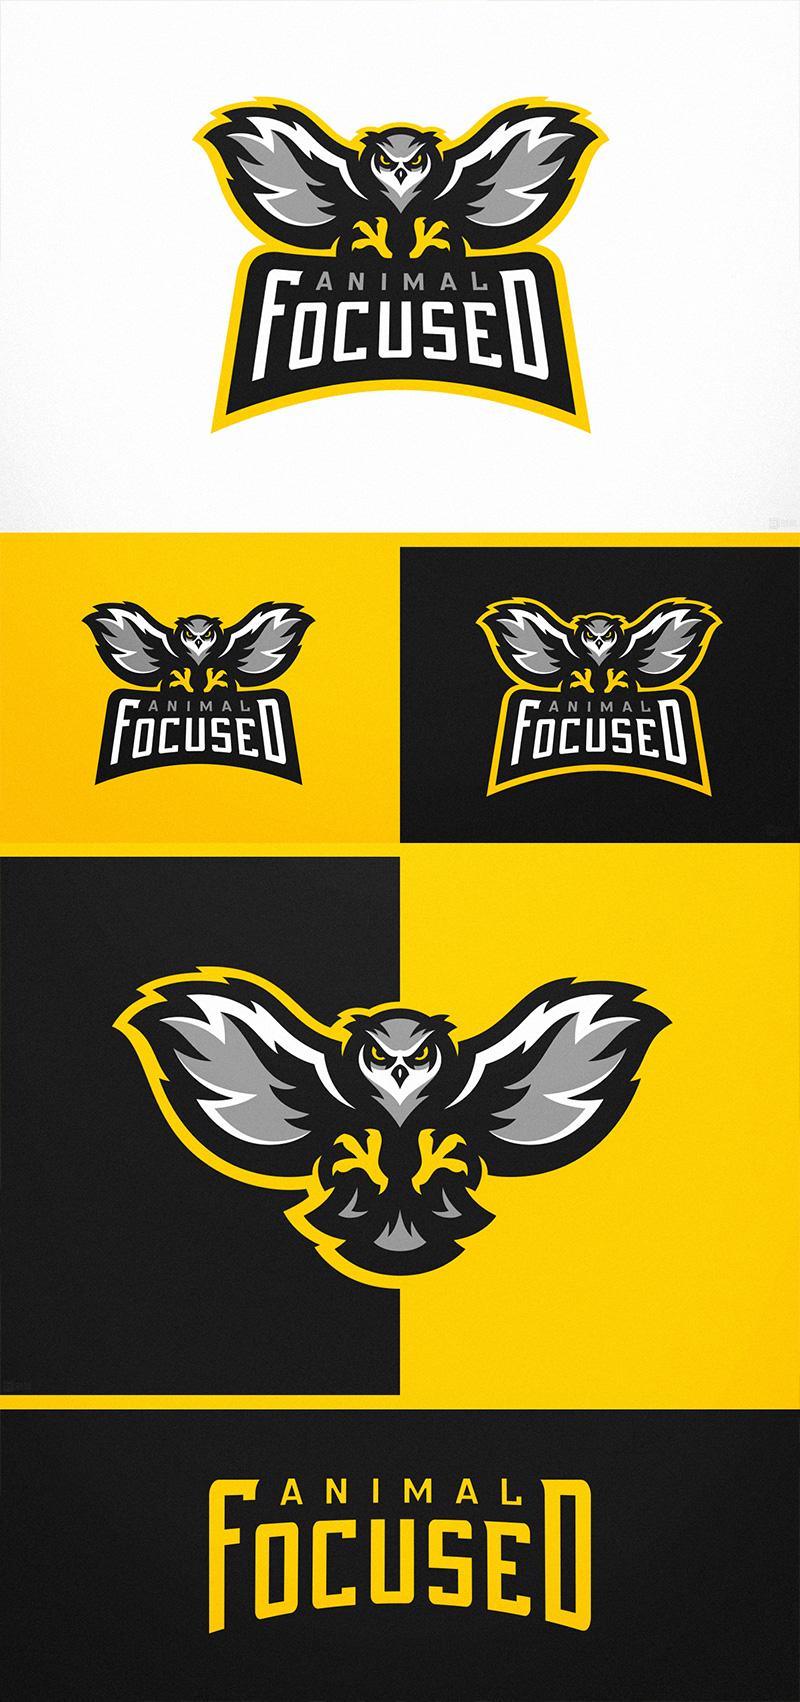 Logotipos de Equipos de eSports y gamers - Proyecto de logotipo de eSports de búho enfocado en animales